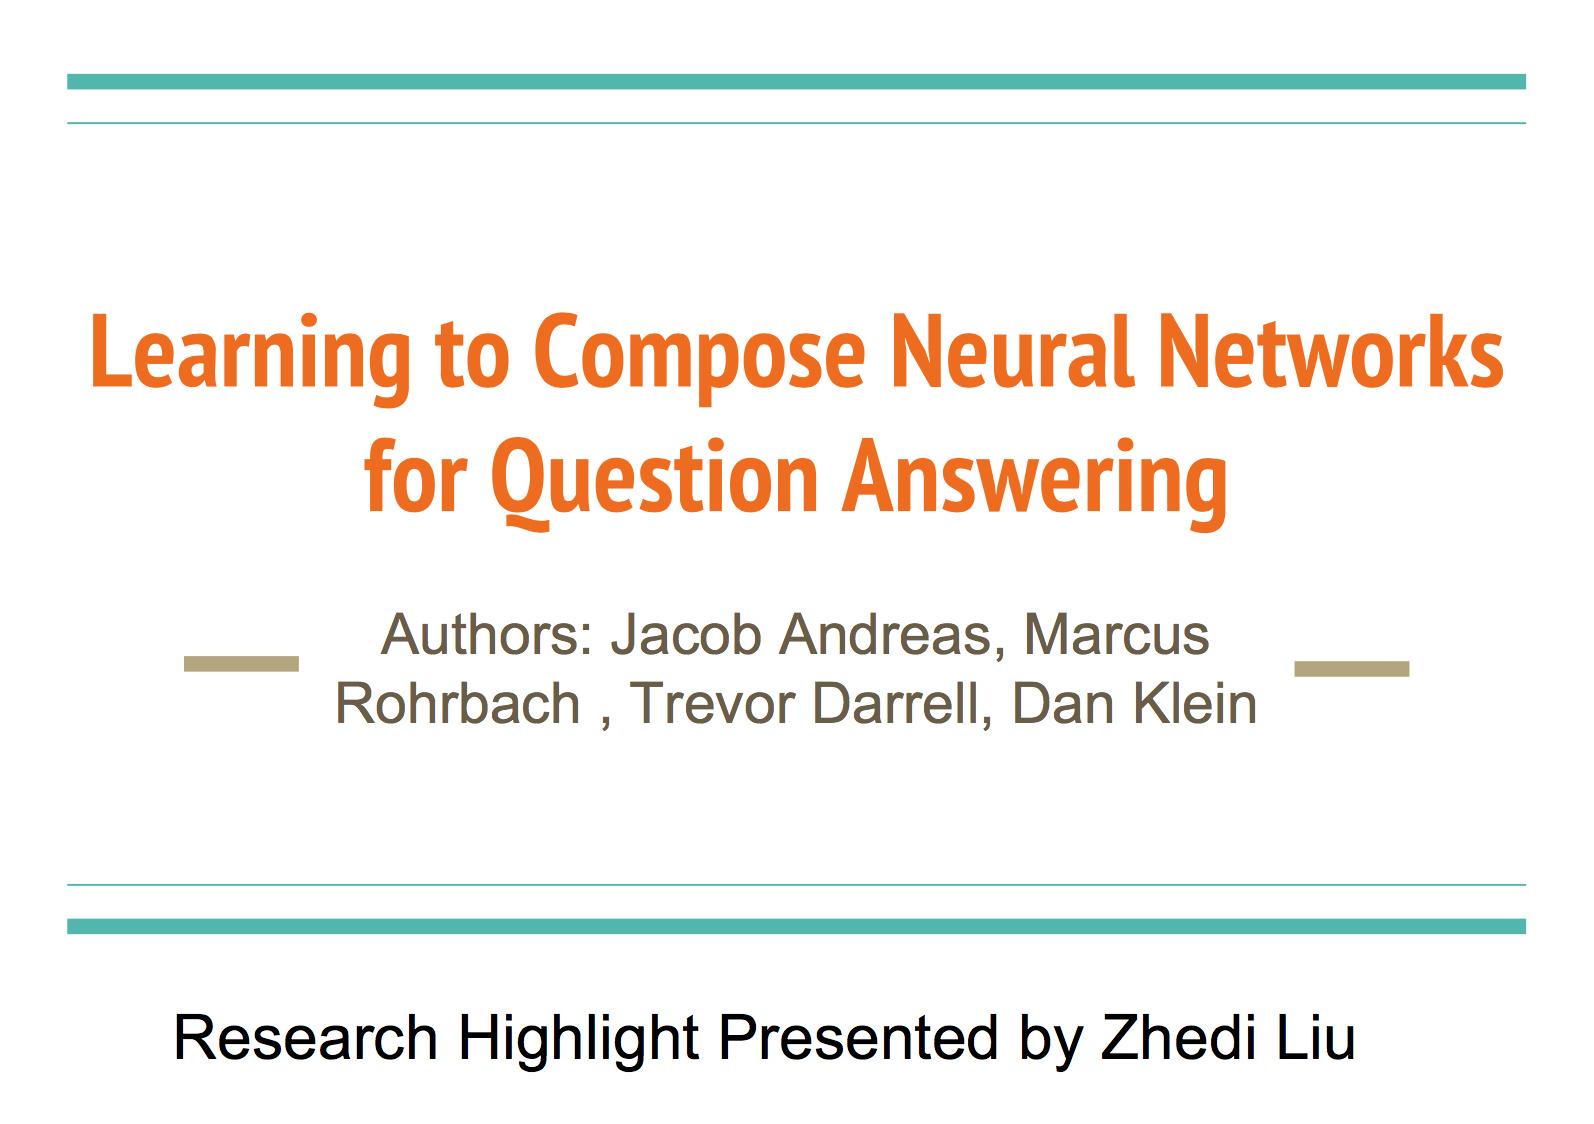 CS224n研究热点14 自动组合神经网络做问答系统